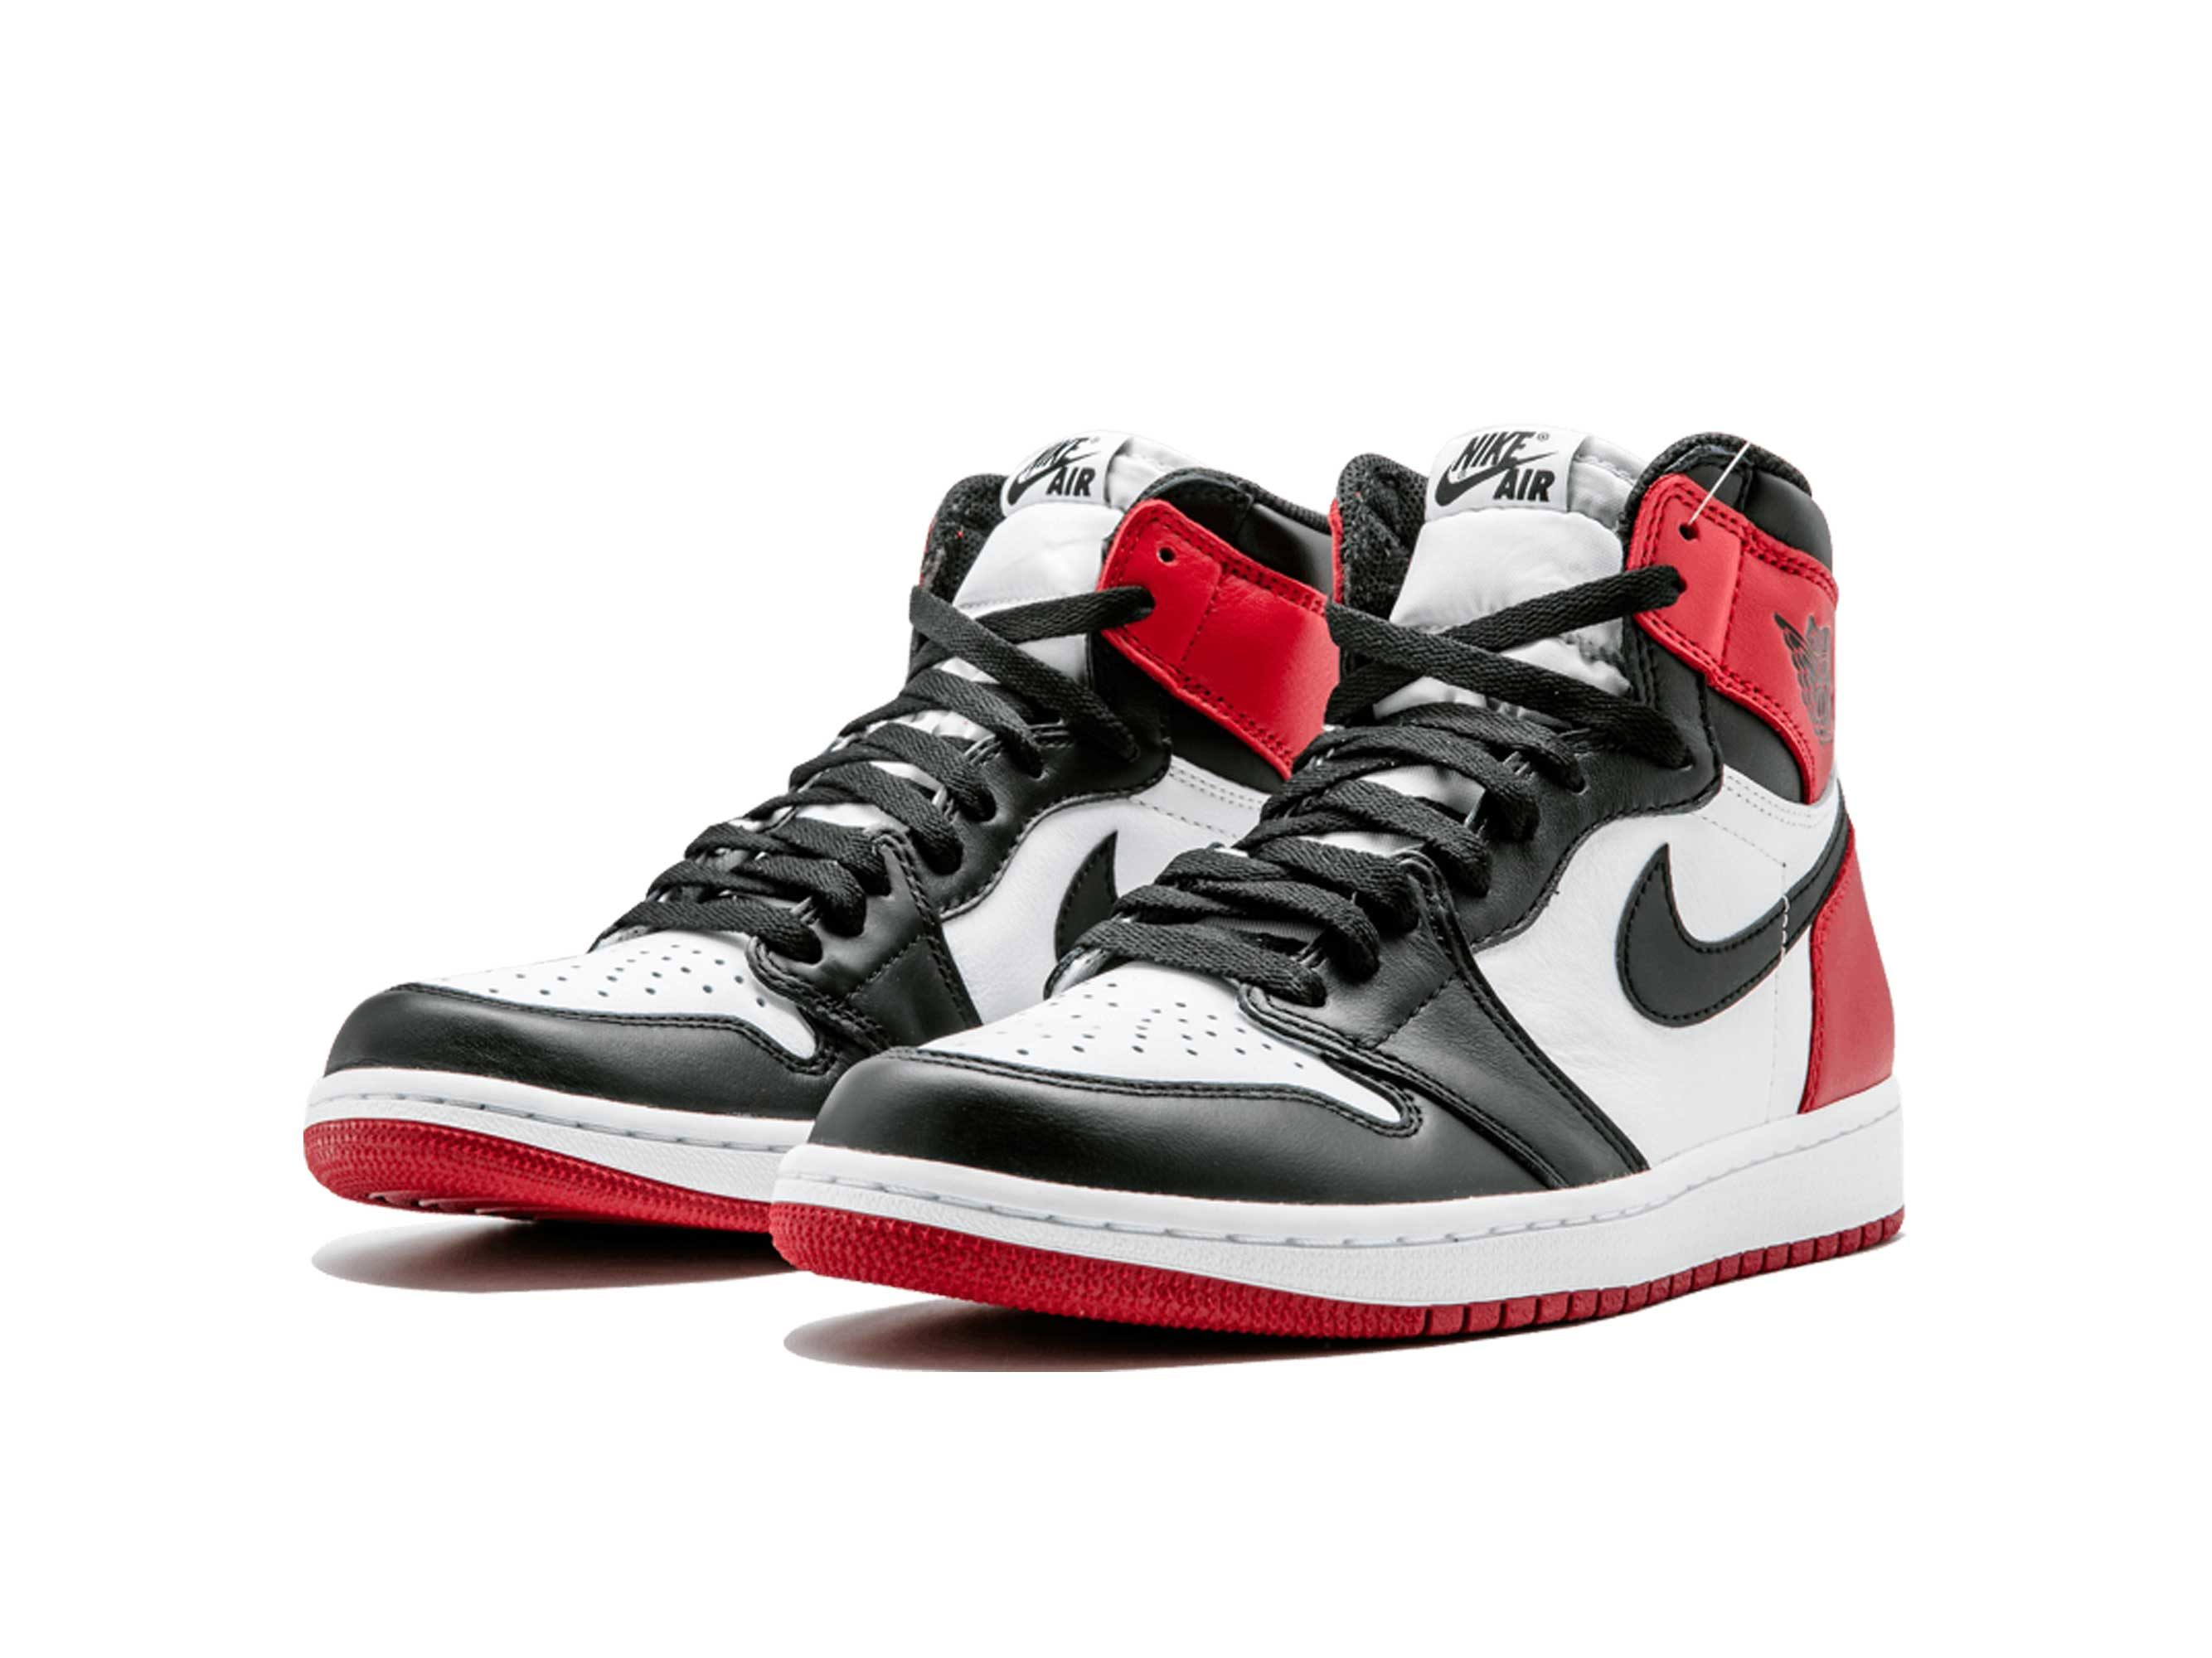 Jordan 1 retro high og black toe 555088_125 купить